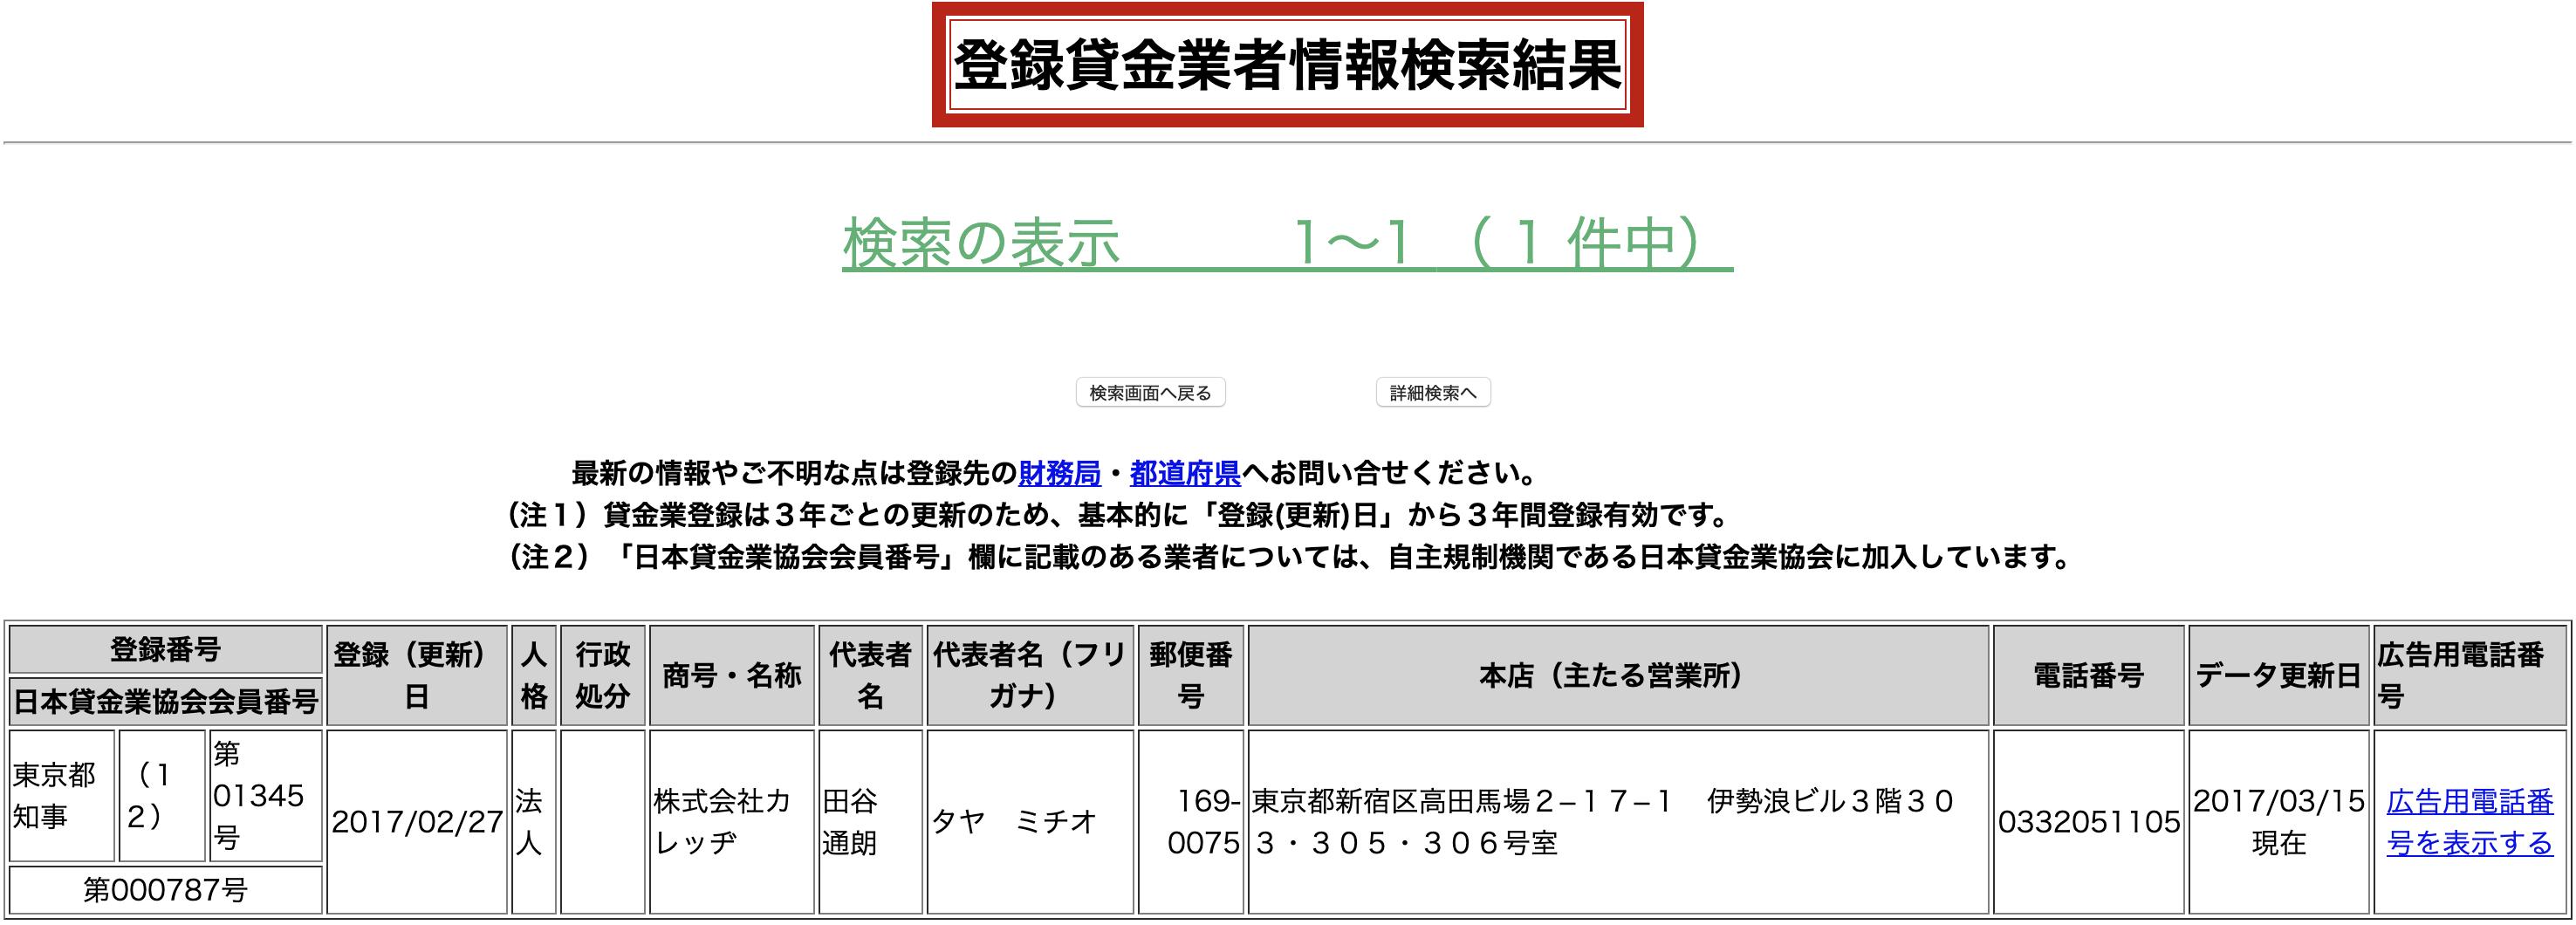 株式会社カレッヂの貸金業登録情報